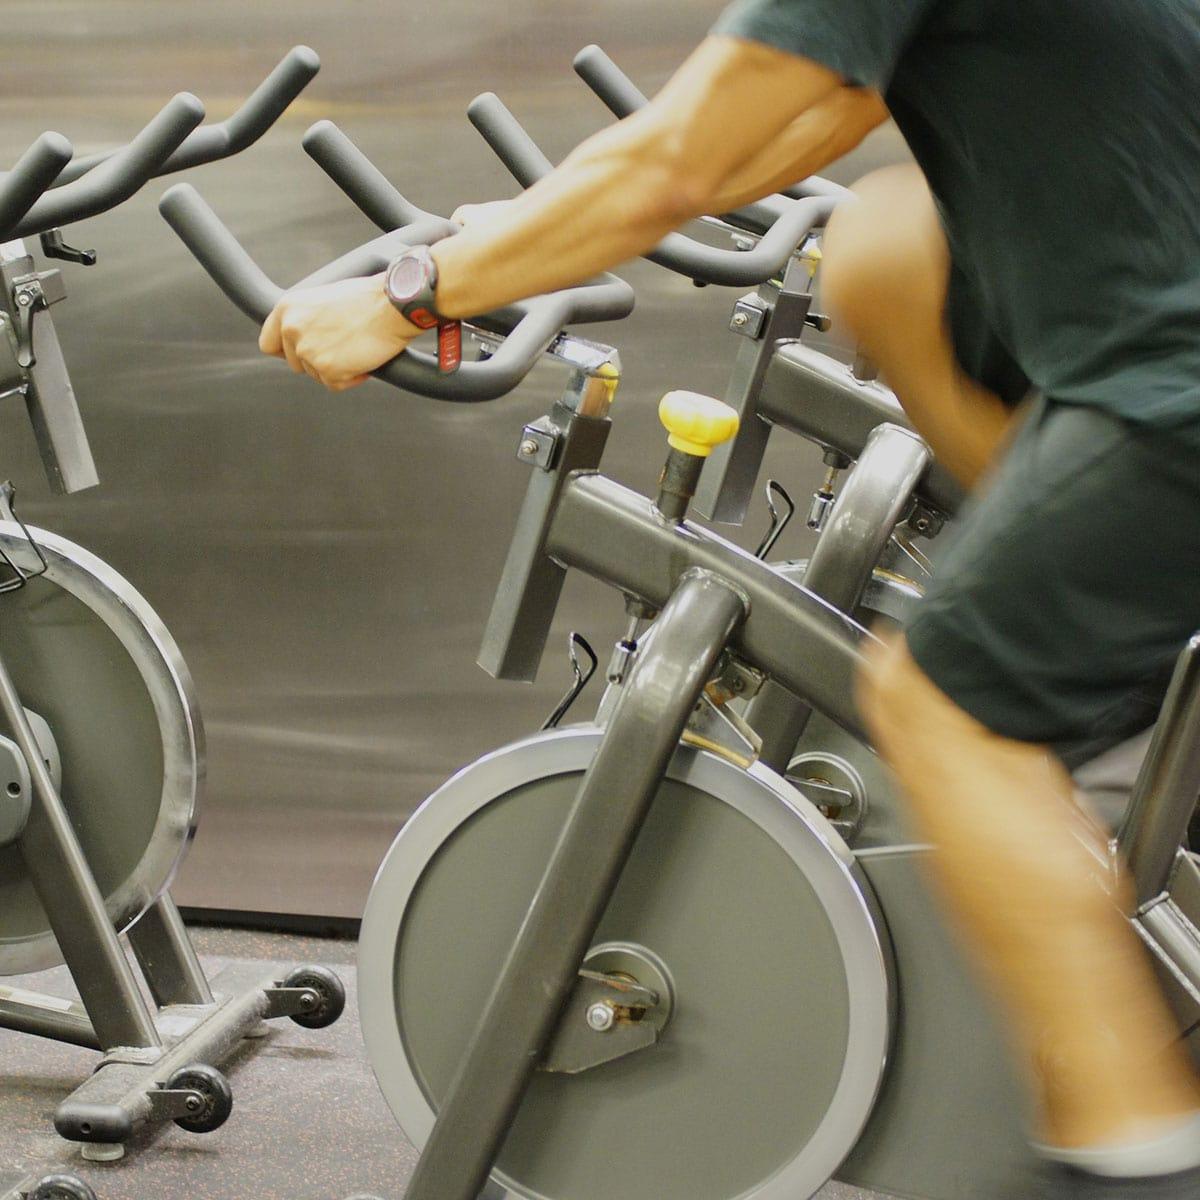 V.O.TRAINING Super Treadmill / CURVE Treadmill / Spinner / Bike Trainer 有酸素トレーニング